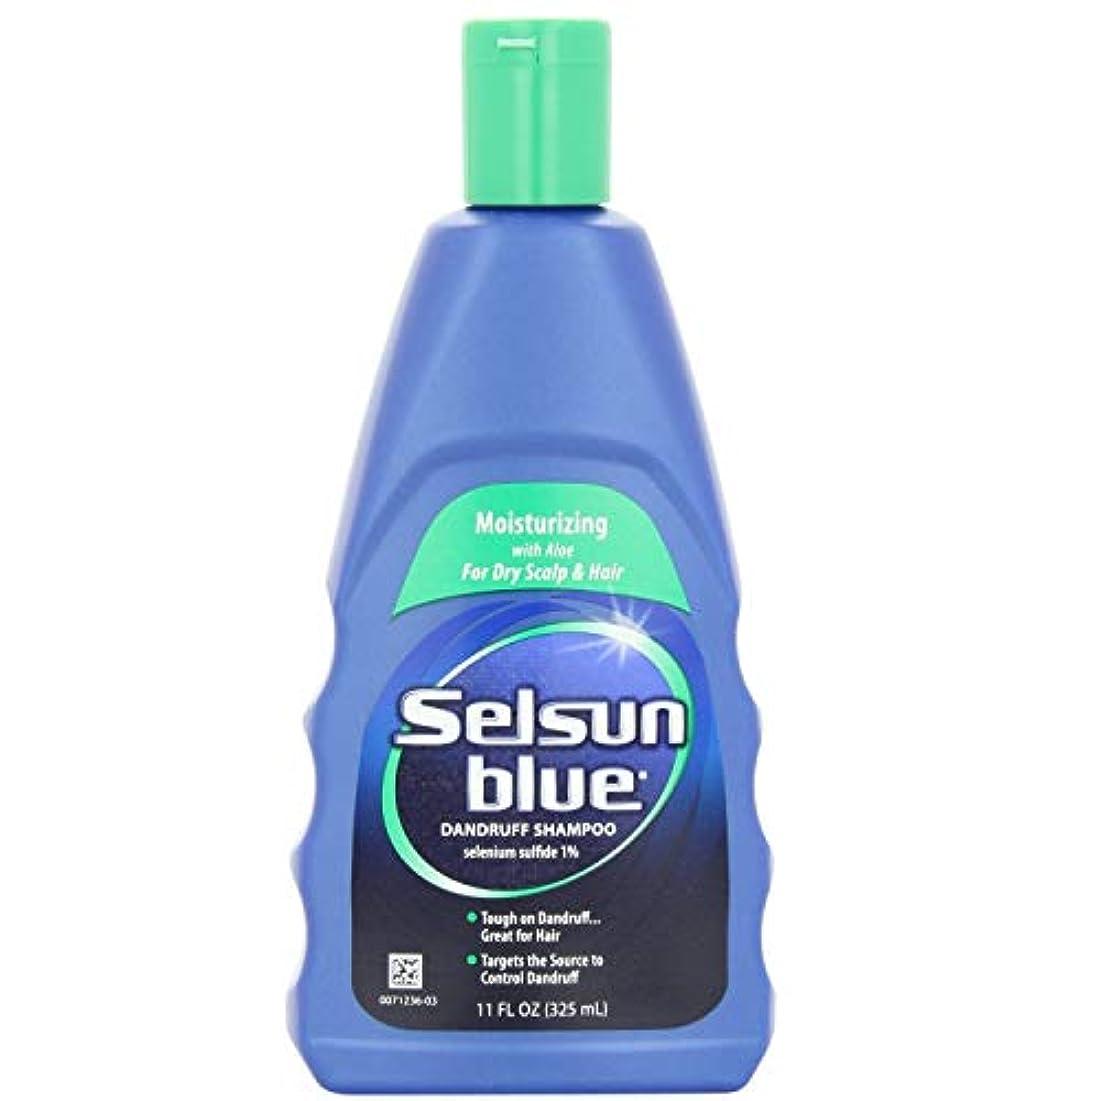 栄光曲改革Selsun Blue Dandruff Shampoo, Moisturizing with Aloe for Dry Scalp and Hair, 11 Ounce by Selsun Blue [並行輸入品]